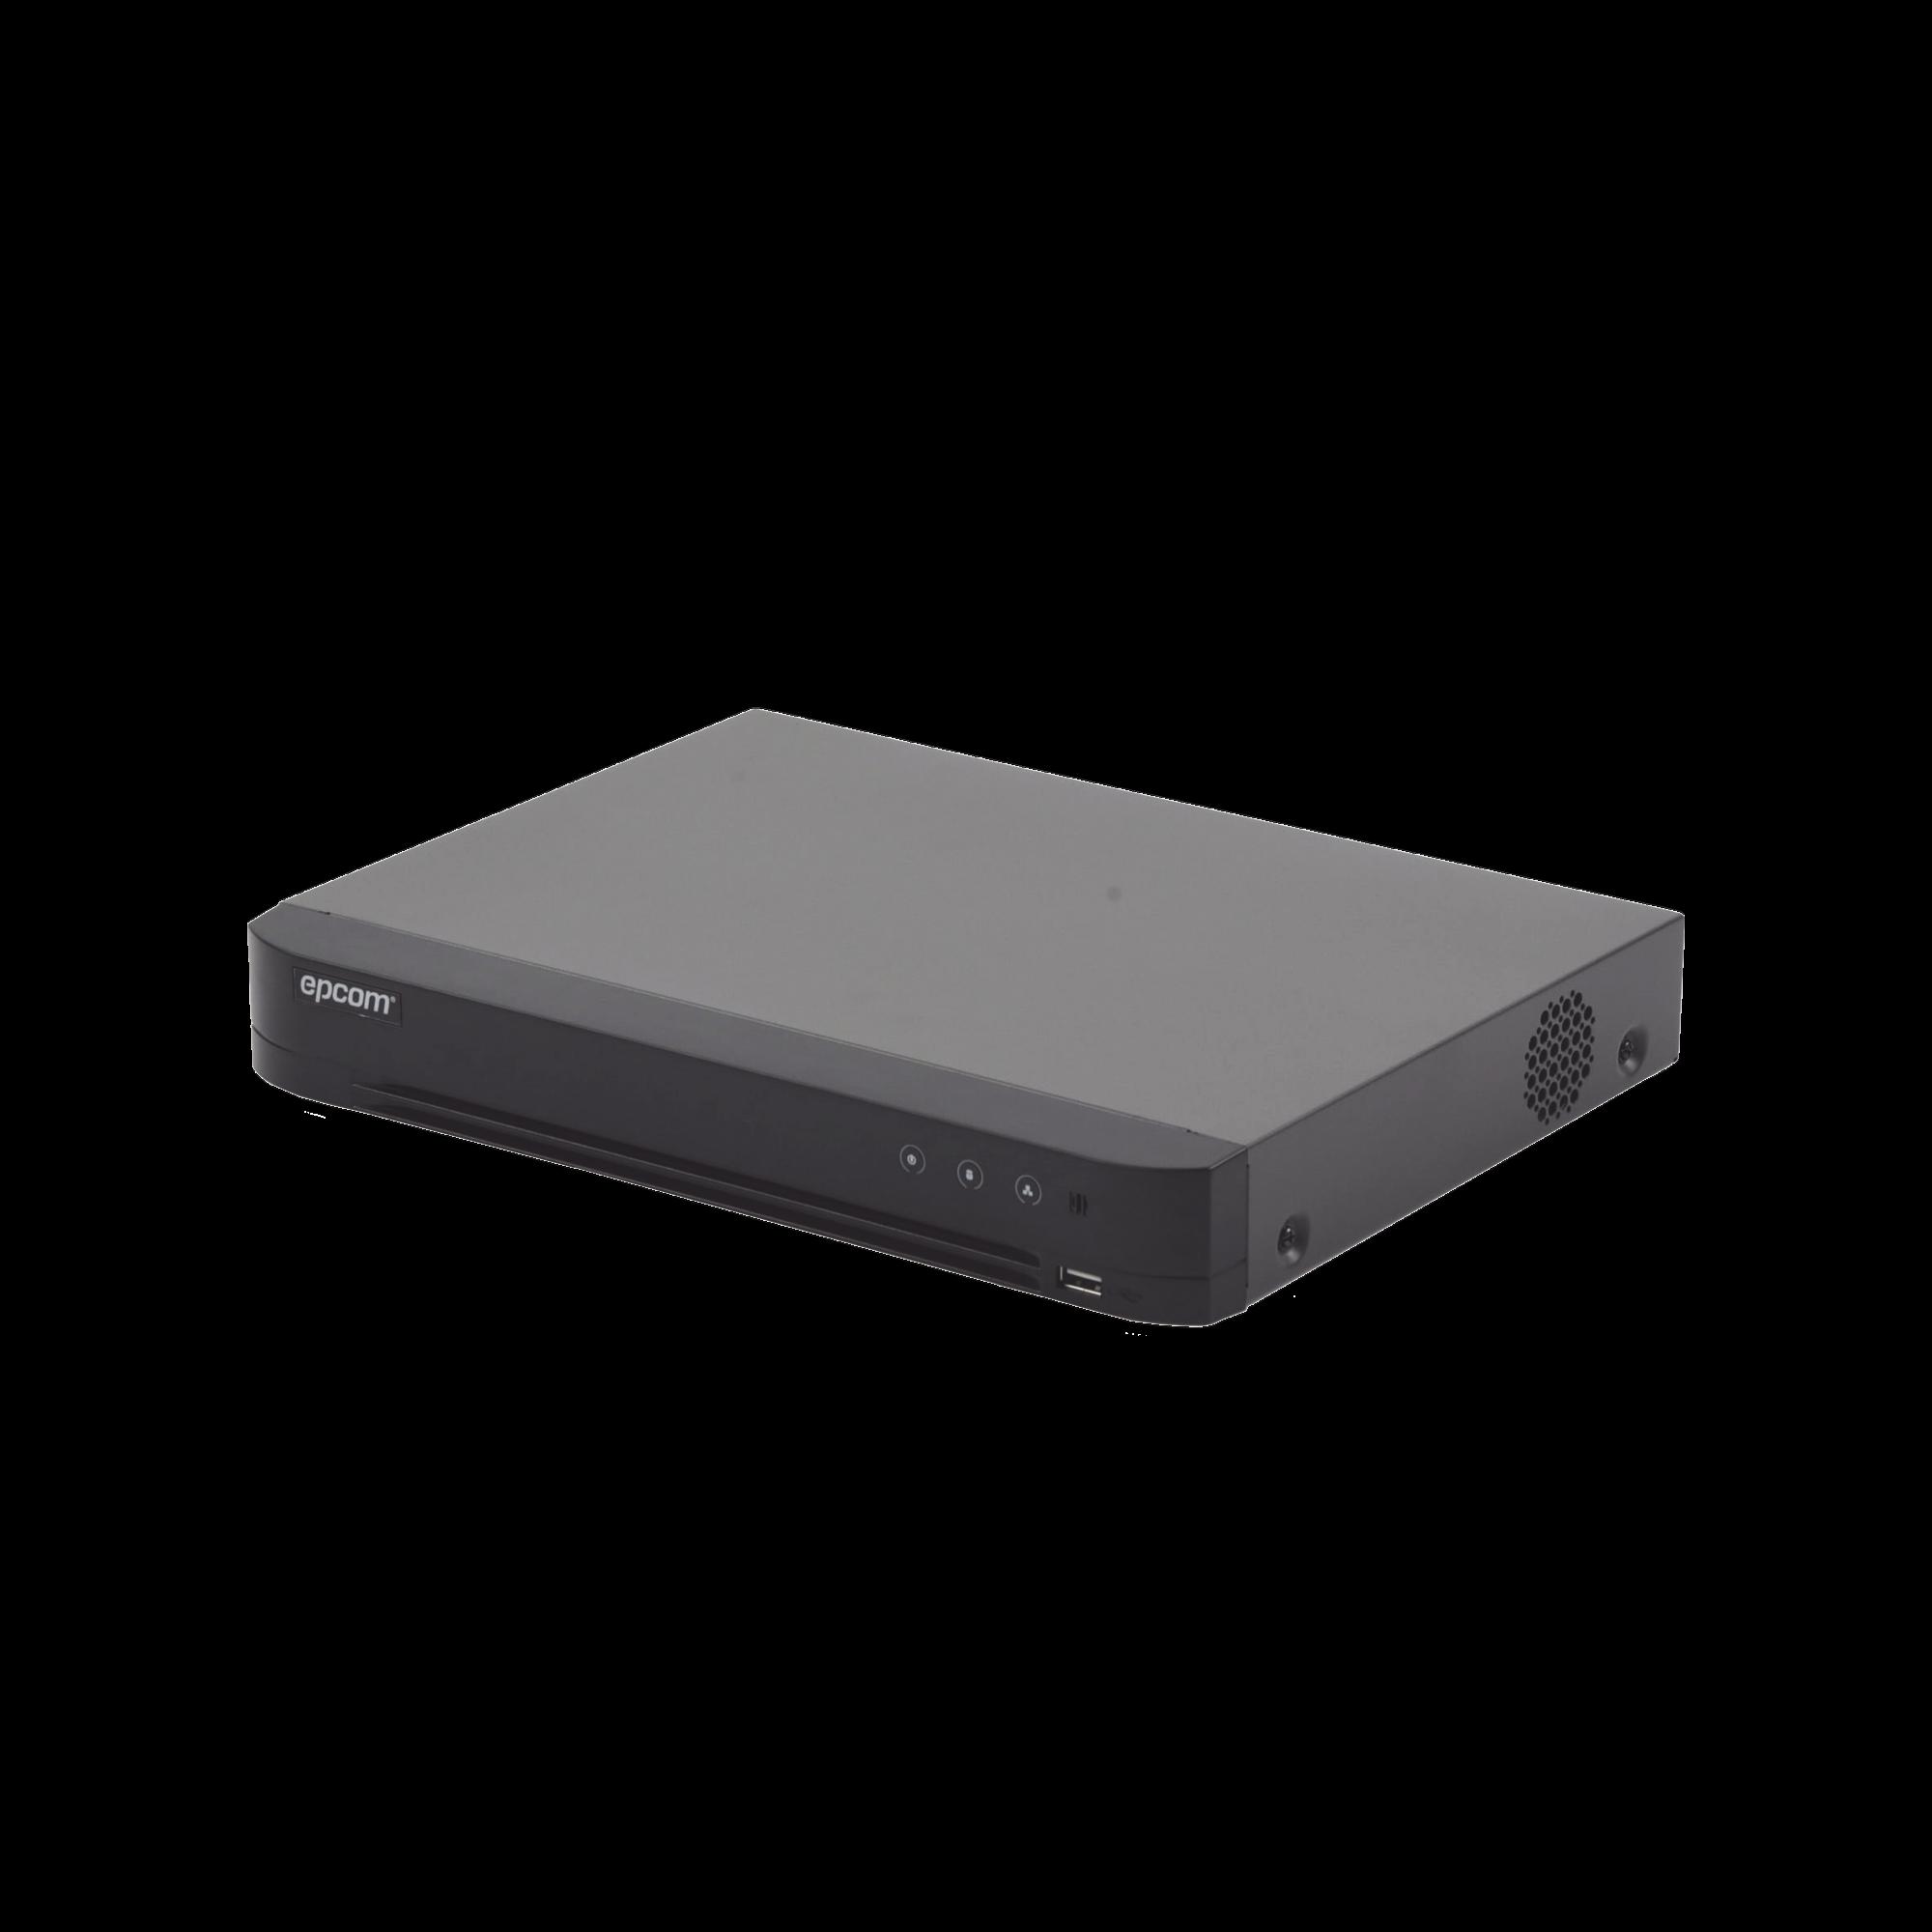 DVR 4 Megapixel / 4 Canales TURBOHD + 2 Canales IP / Detección de Rostros / 1 Bahía de Disco Duro / Audio por Coaxitron / Evita Falsas Alarmas / Salida de Vídeo en Full HD